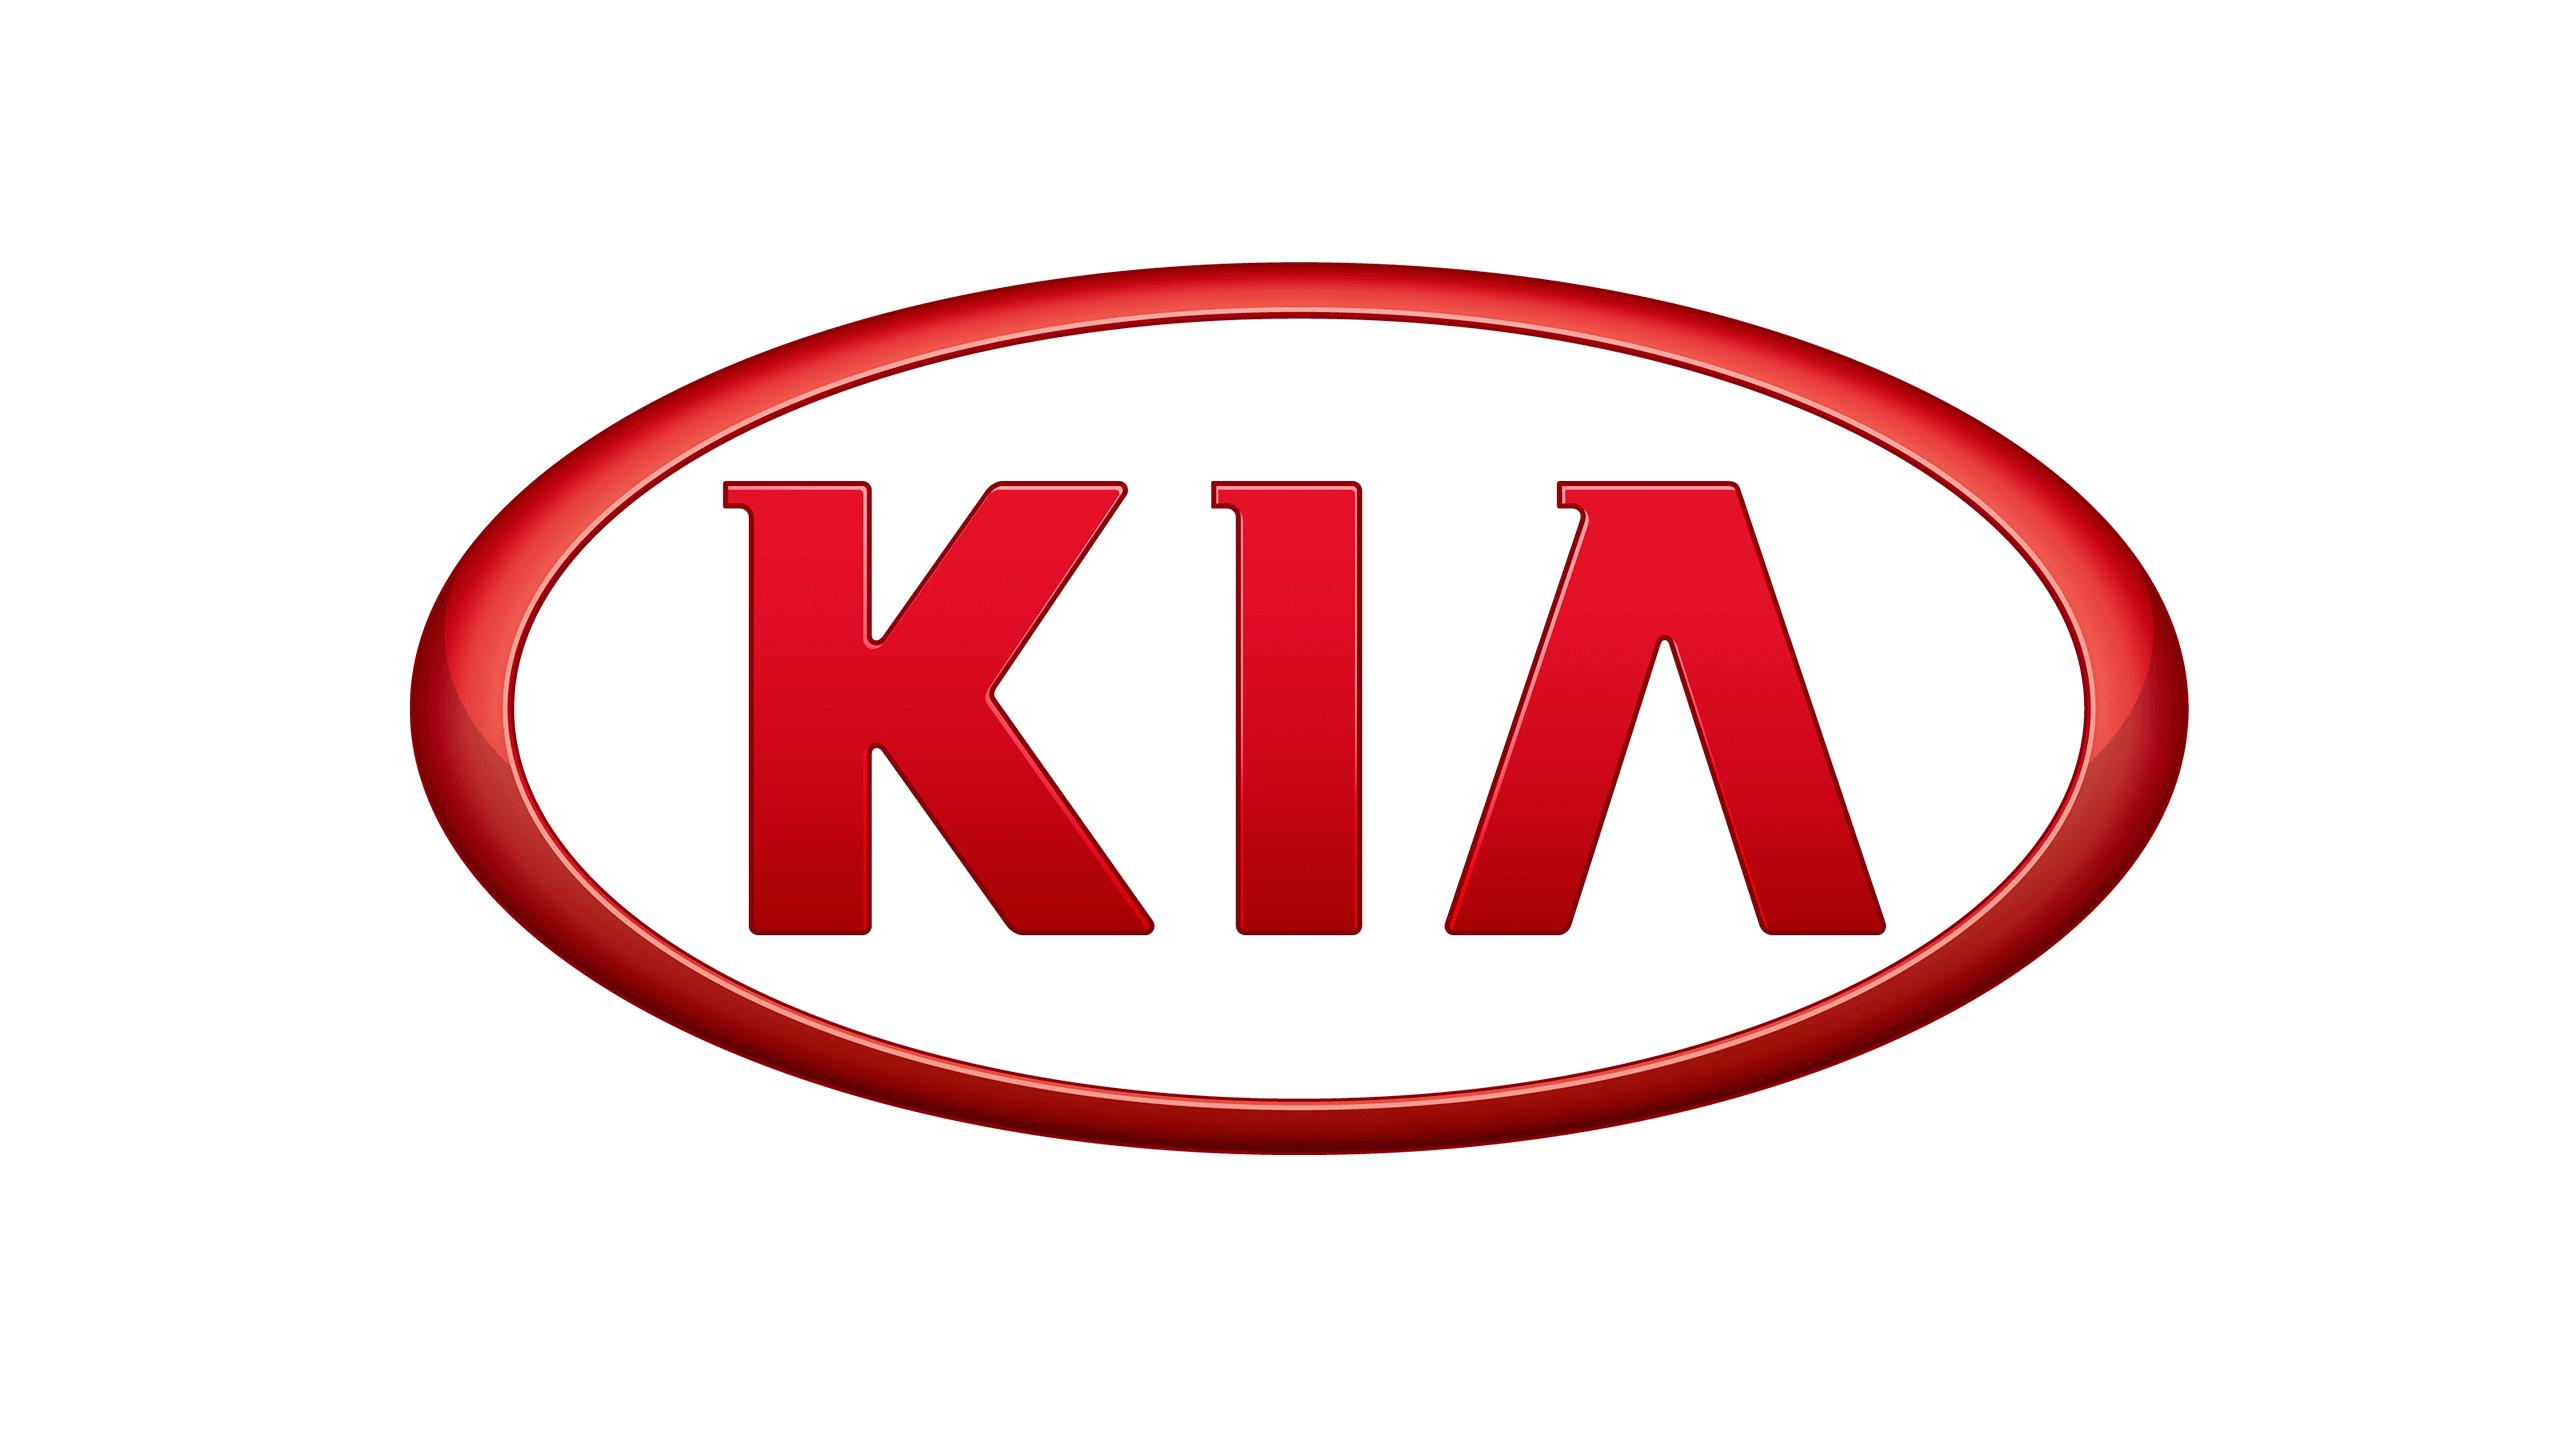 Recours collectif concernant les problèmes de claquement de moteur des voitures Kia Forte 2010 à 2015